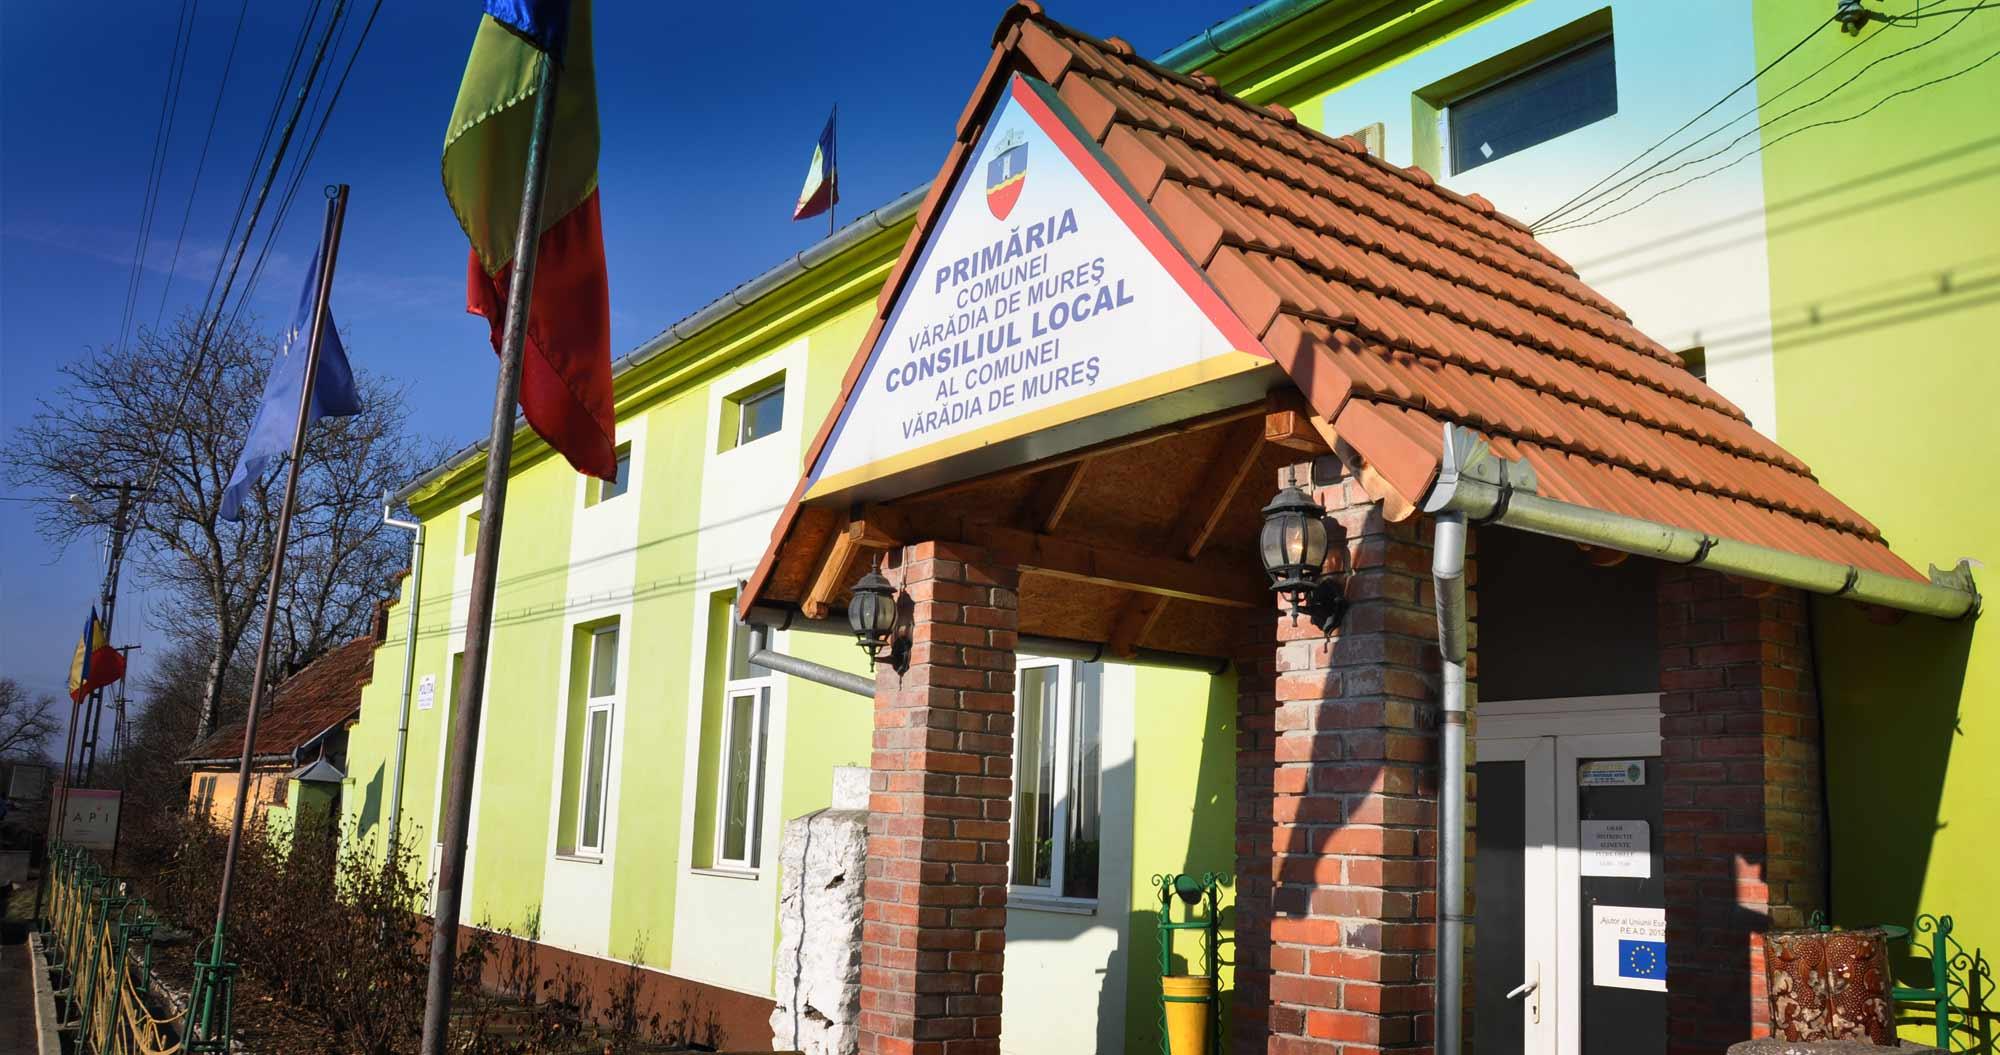 Primaria comunei Vărădia de Mureș